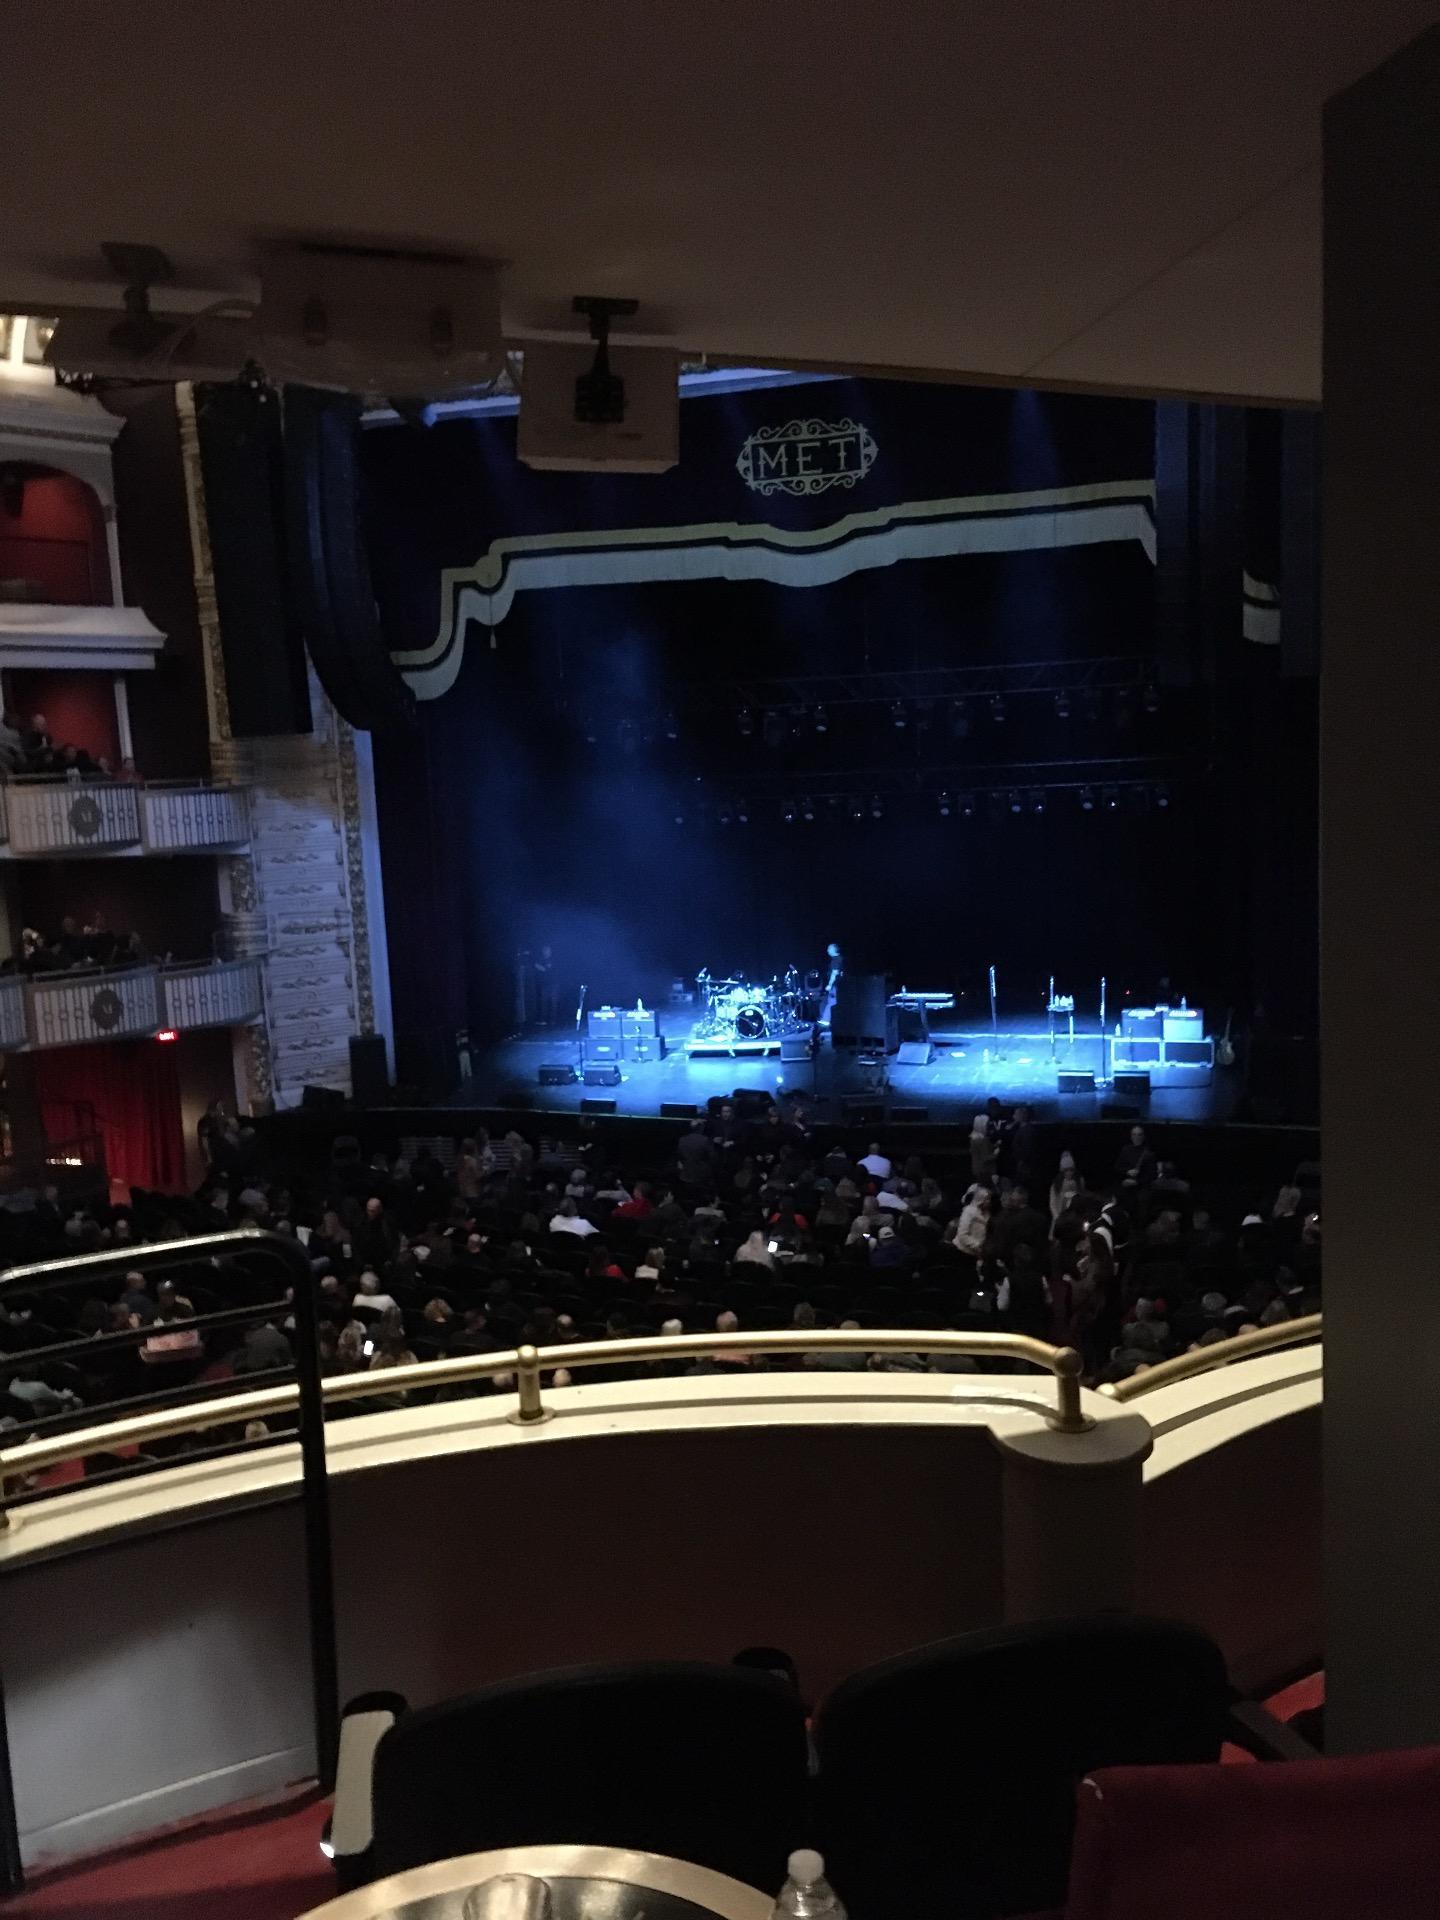 The Met Philadelphia Section Grand Salle Box 8 Row C Seat 3